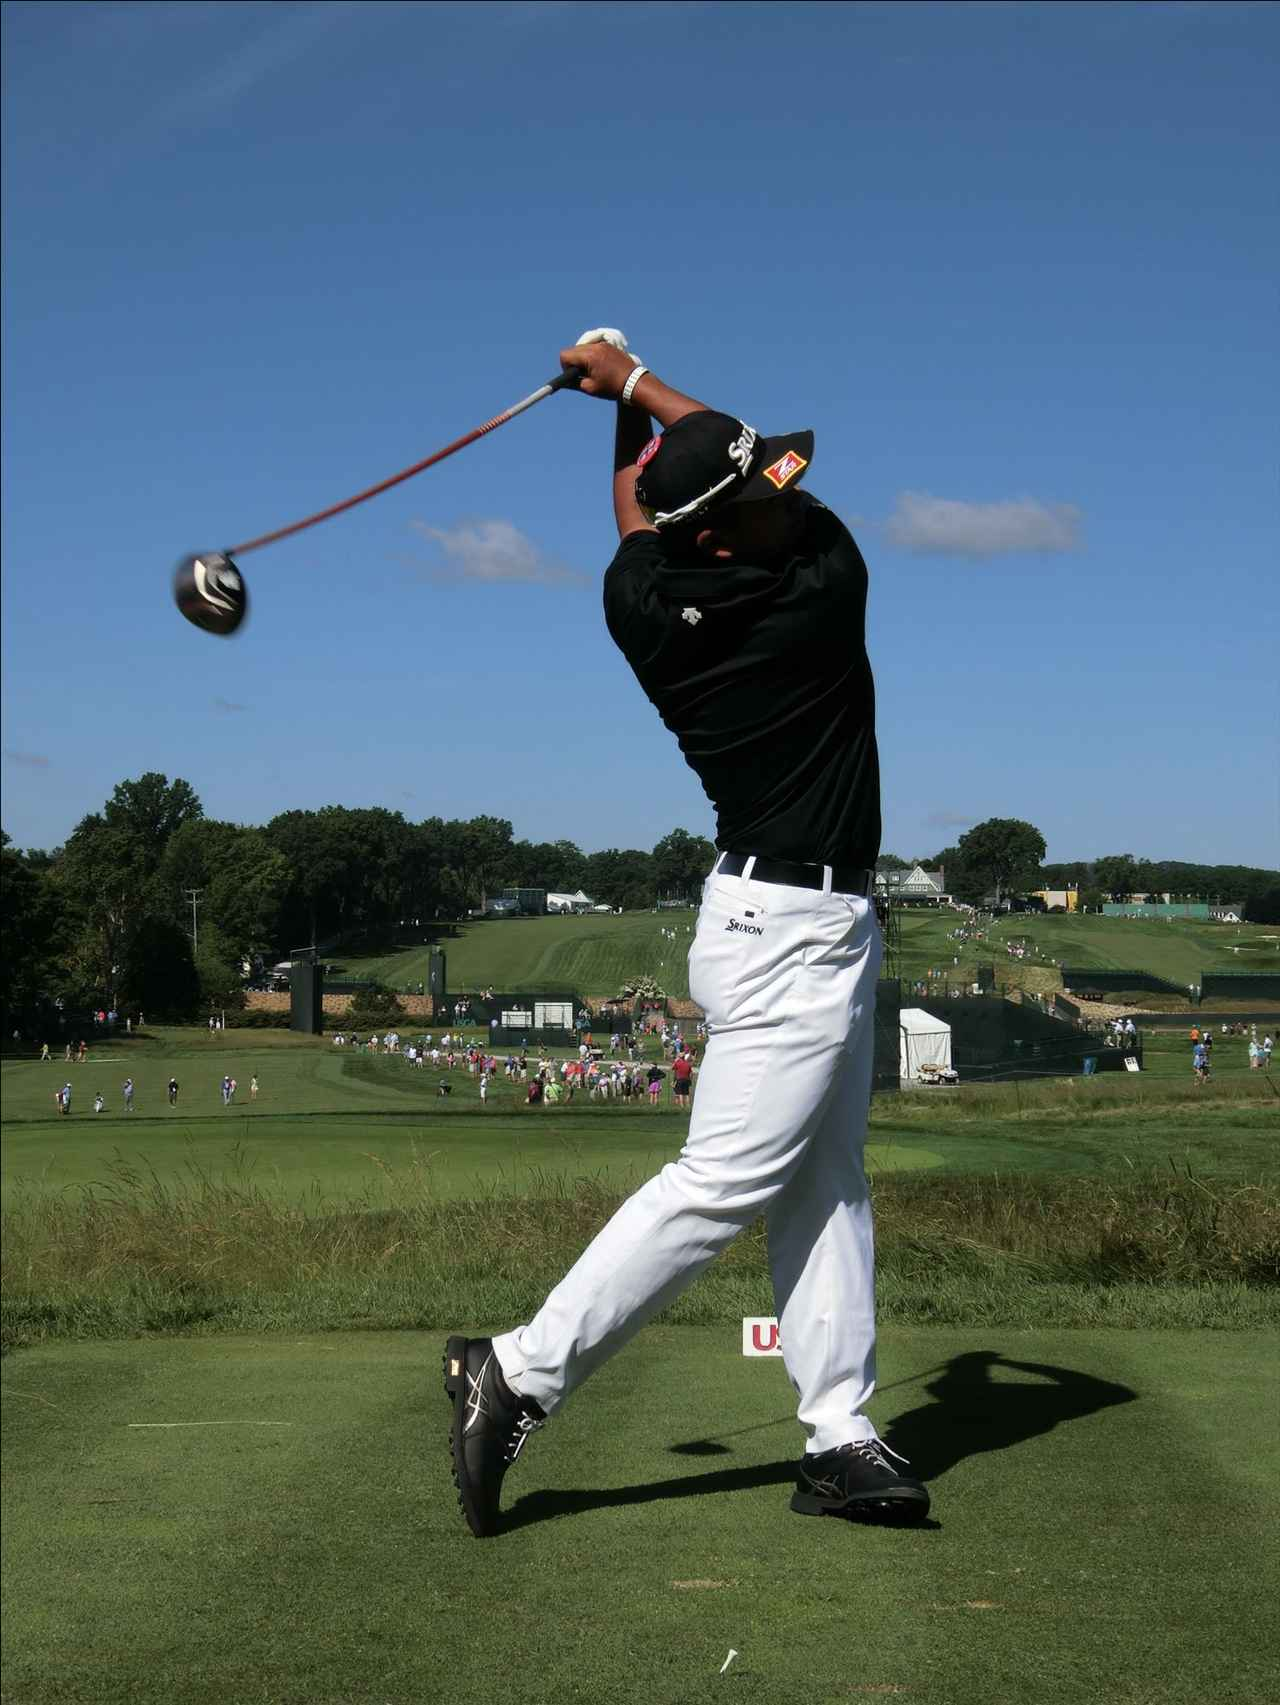 画像10: PGAの主役を小平智がスウィング解説「松山英樹のトップがイチ押し」